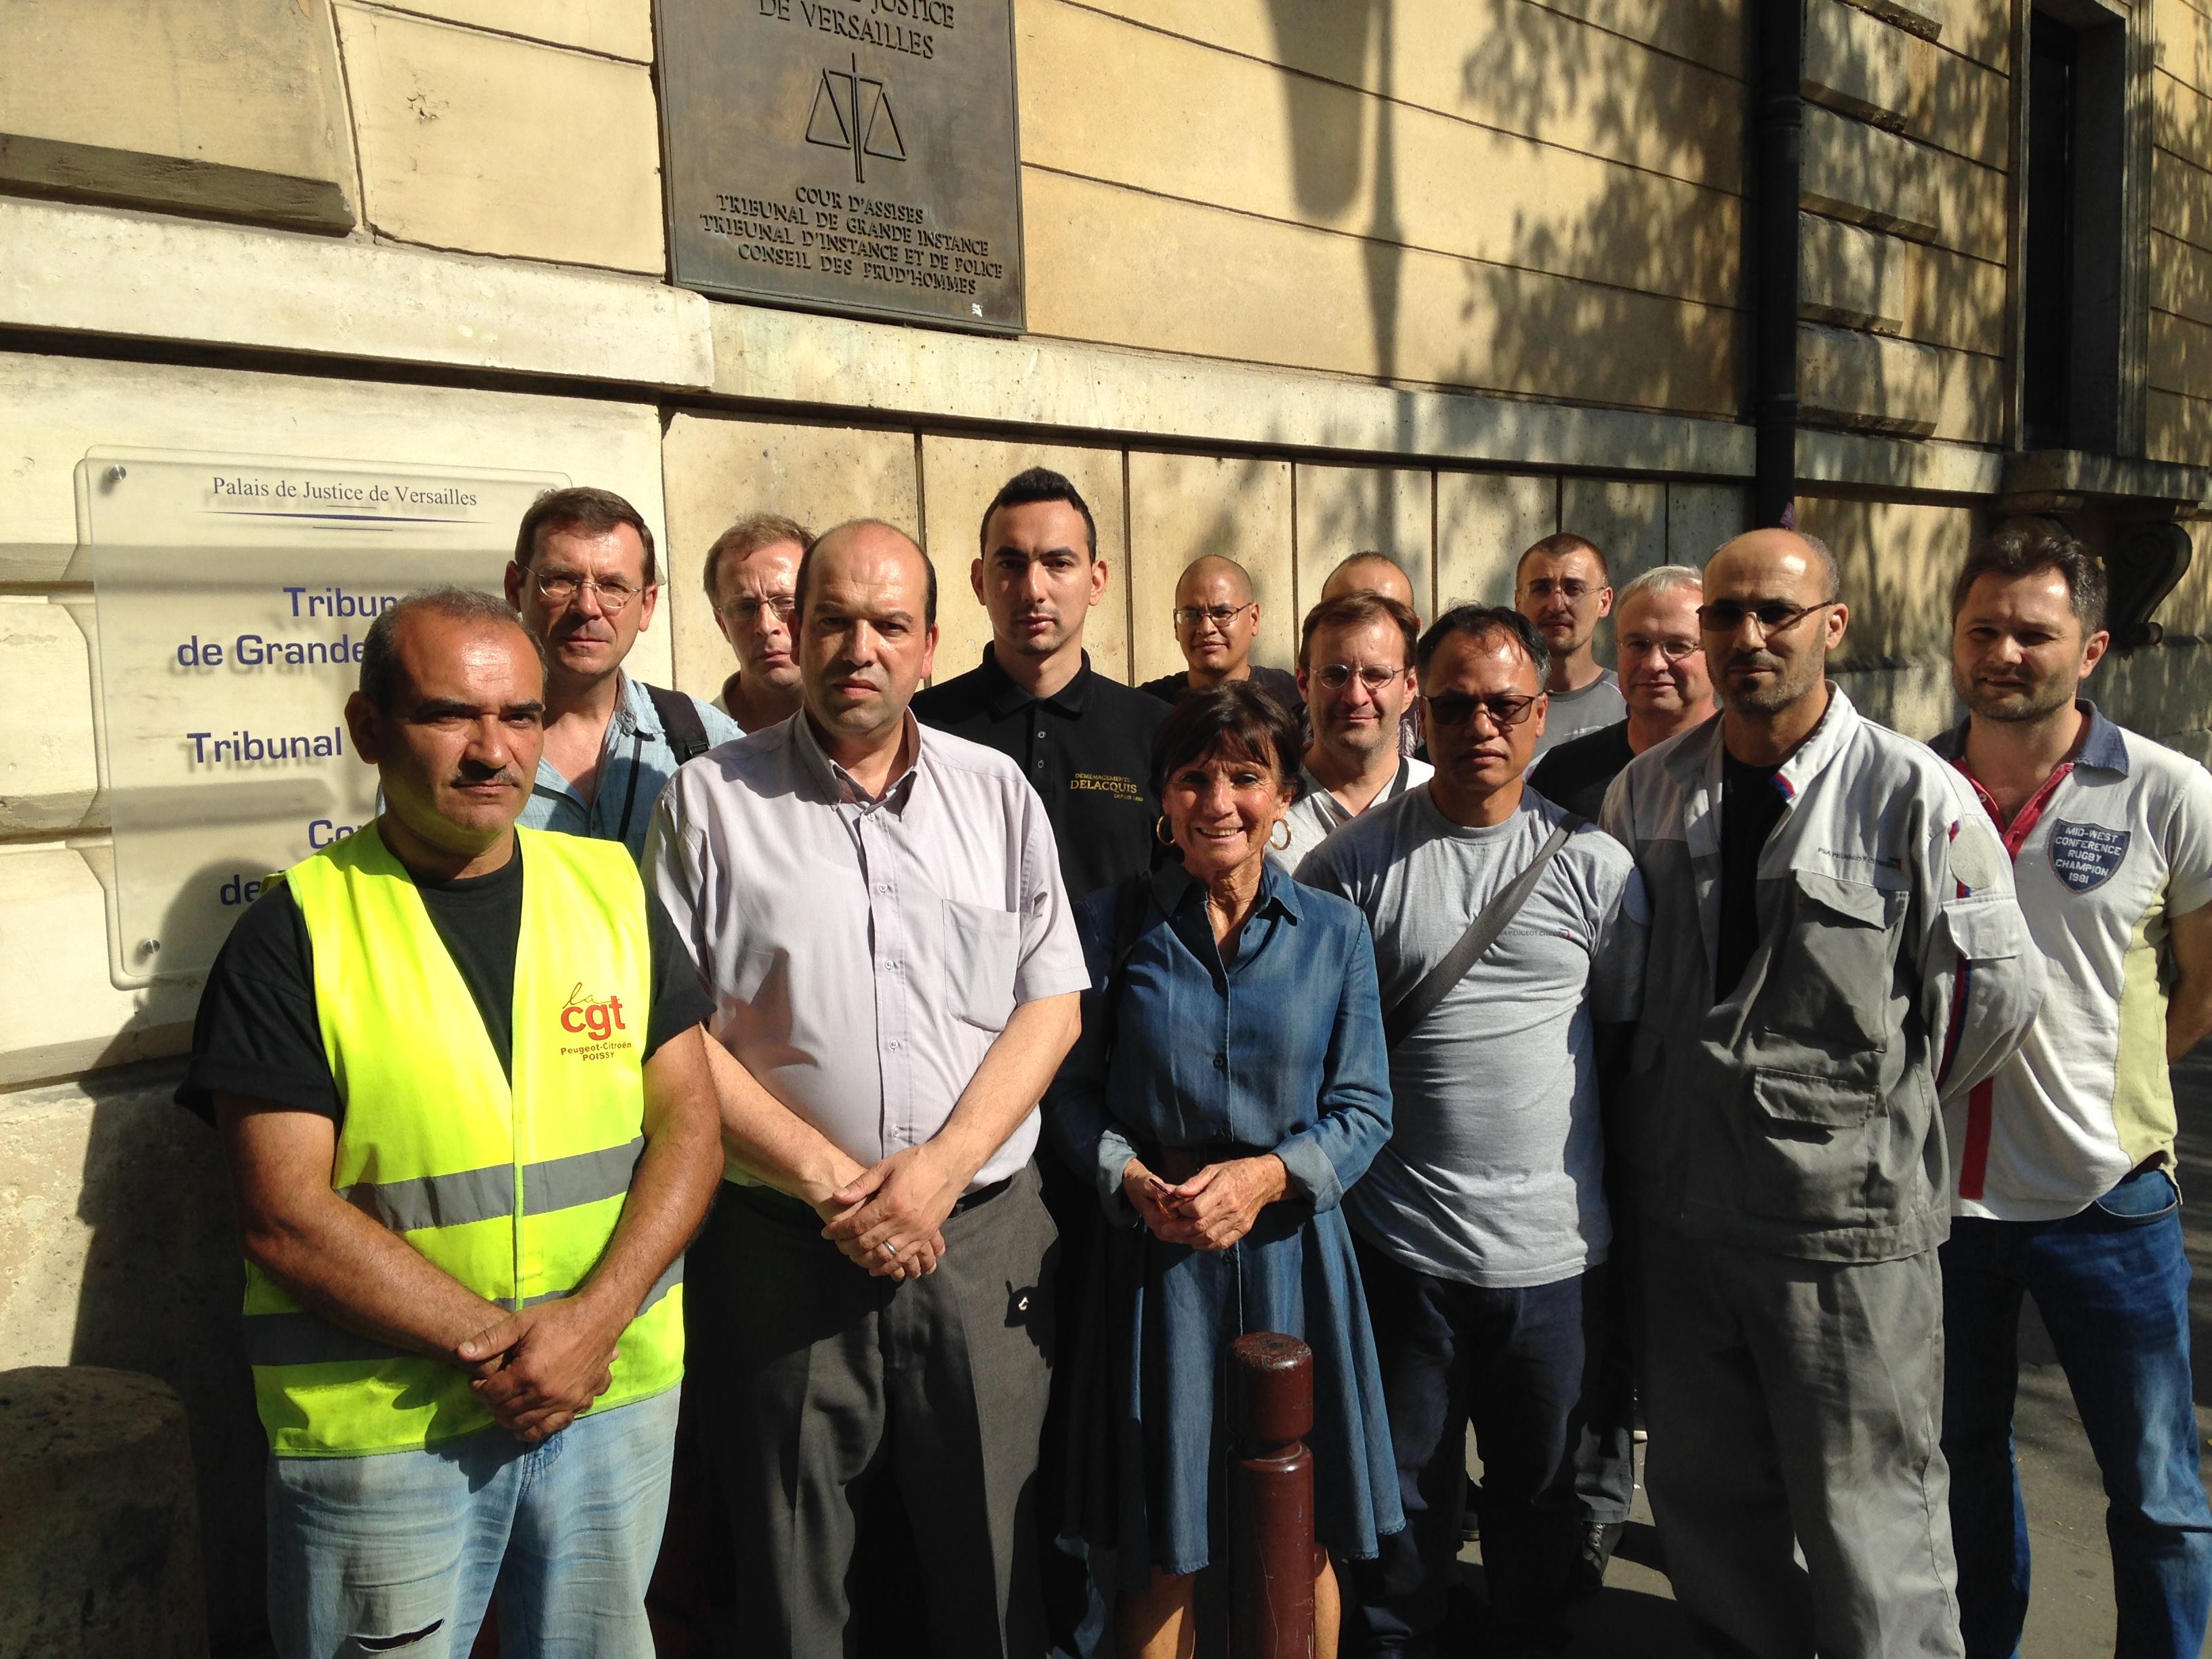 """La CGT dénonce une """"criminalisation de l'action syndicale"""" chez PSA"""